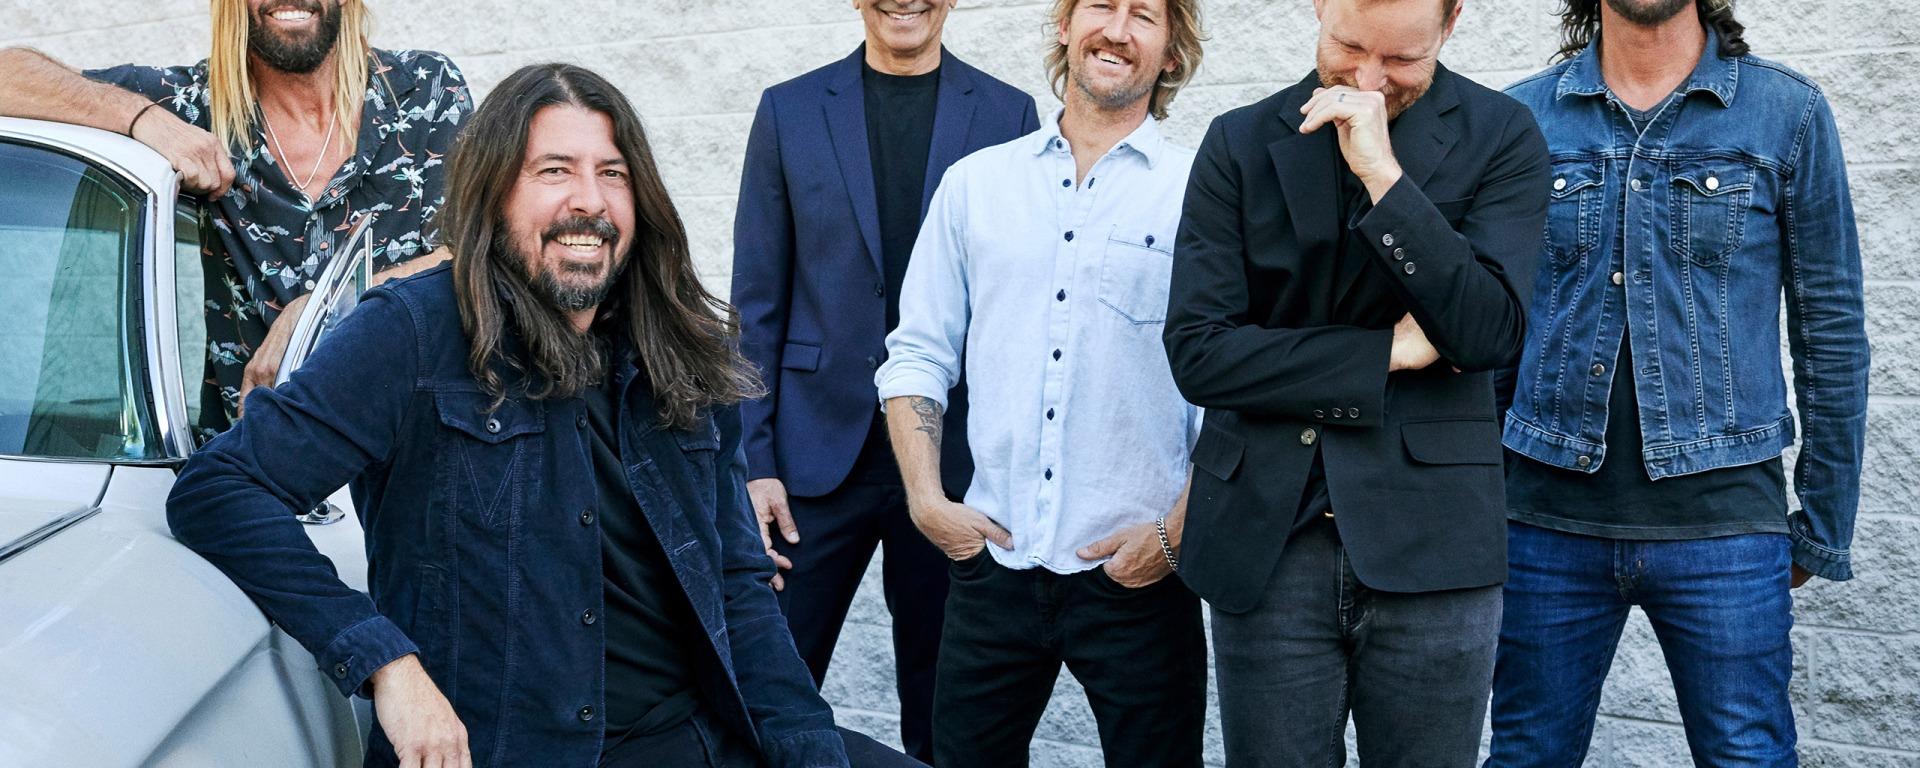 Foo Fighters interpretează noua piesă 'Cloudspotter' la SiriusXM Garage în Los Angeles